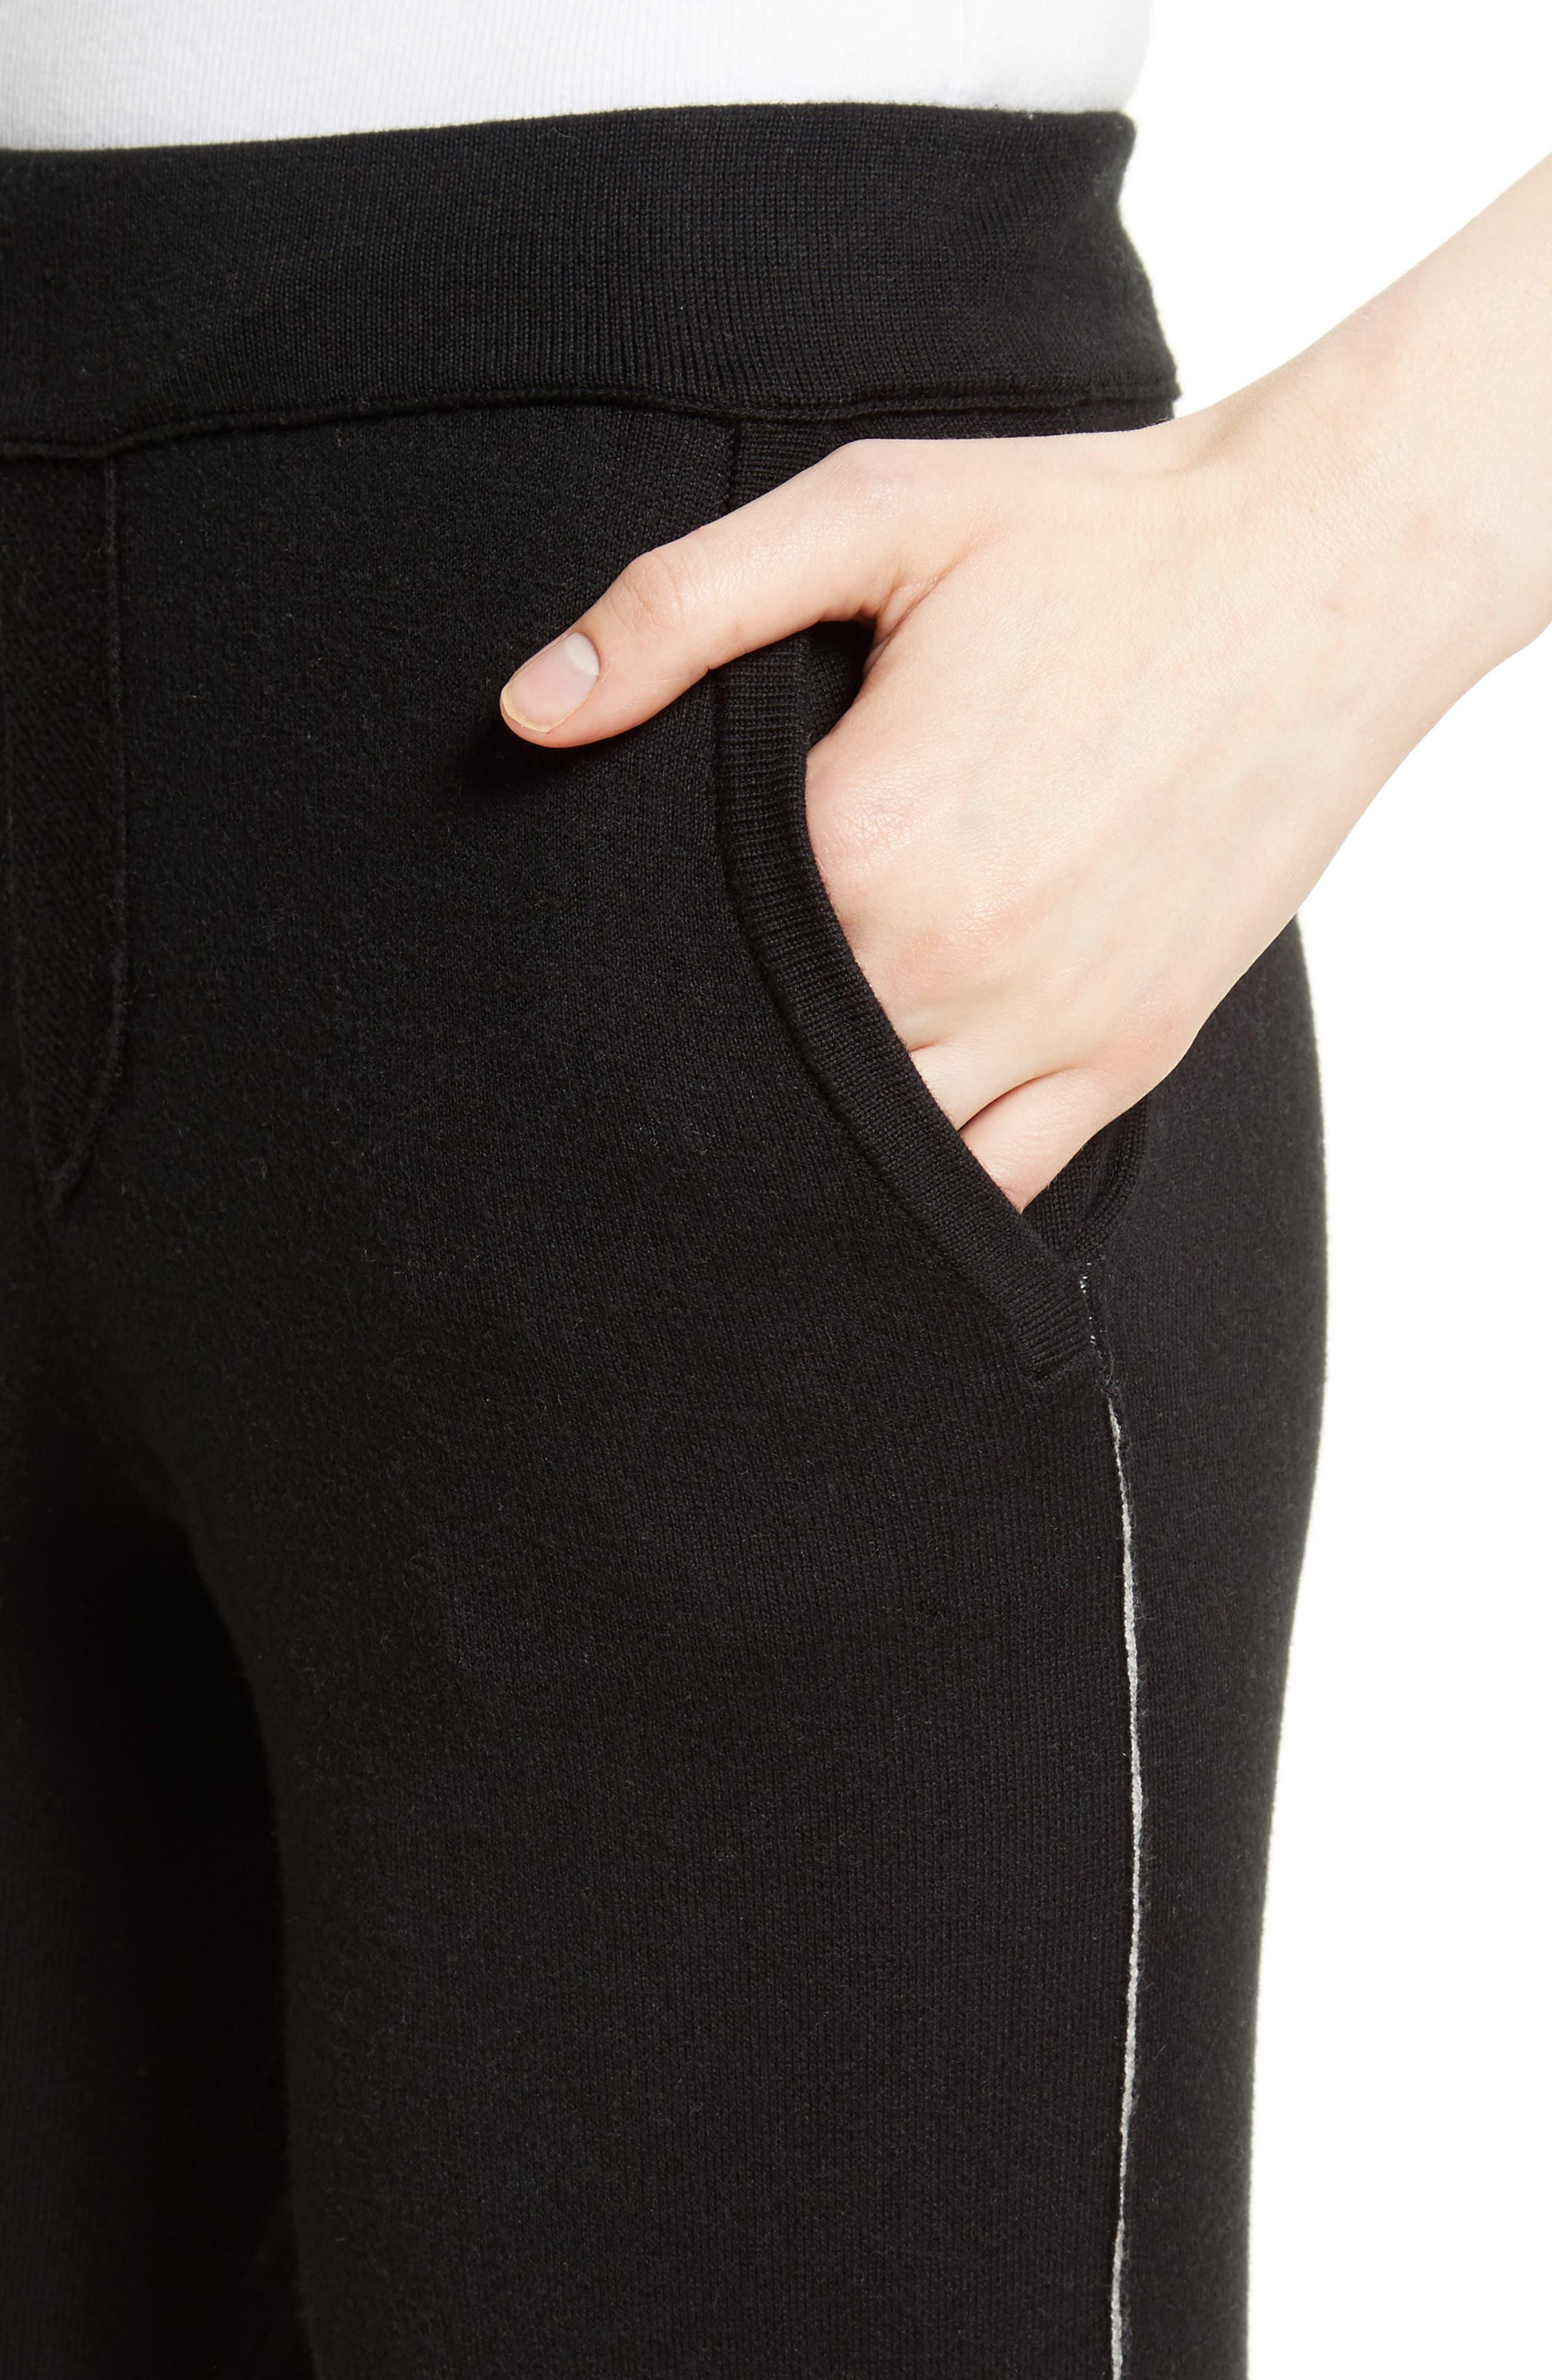 Cotton Blend Knit Sweatpants,                             Alternate thumbnail 5, color,                             Black/ Foggy